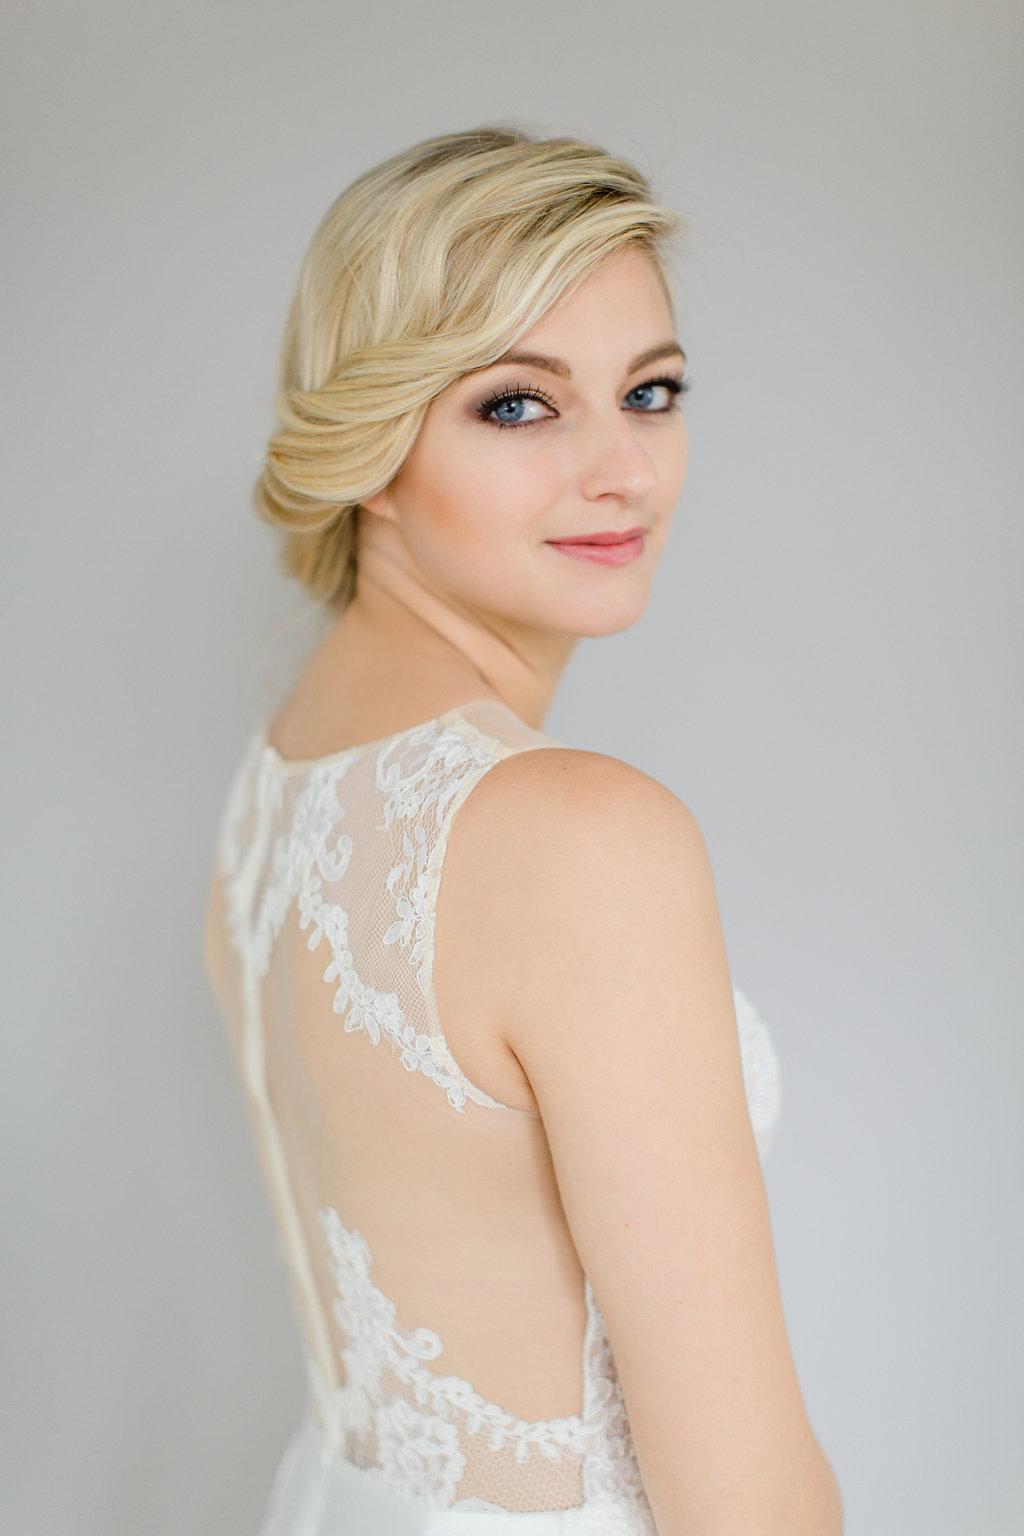 BLOG: Brautstyling | Hairstyling | Make up | Savi-Styling